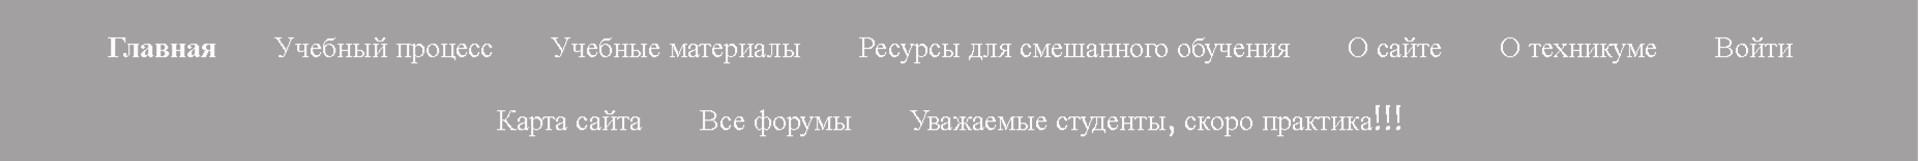 smirnova3